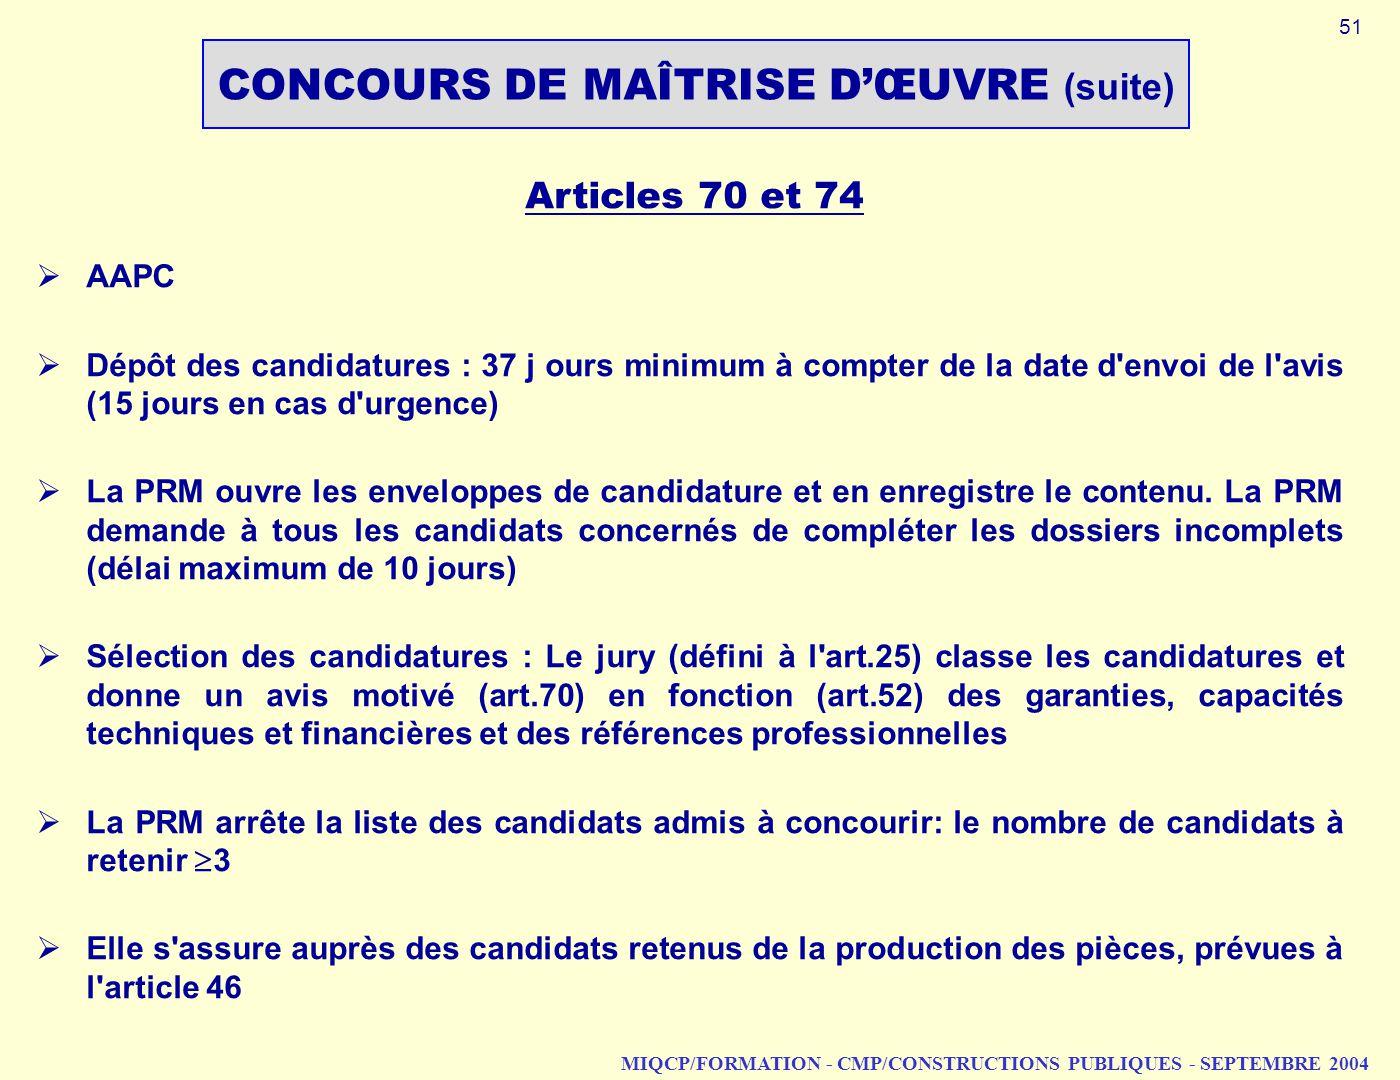 MIQCP/FORMATION - CMP/CONSTRUCTIONS PUBLIQUES - SEPTEMBRE 2004 Articles 70 et 74 AAPC Dépôt des candidatures : 37 j ours minimum à compter de la date